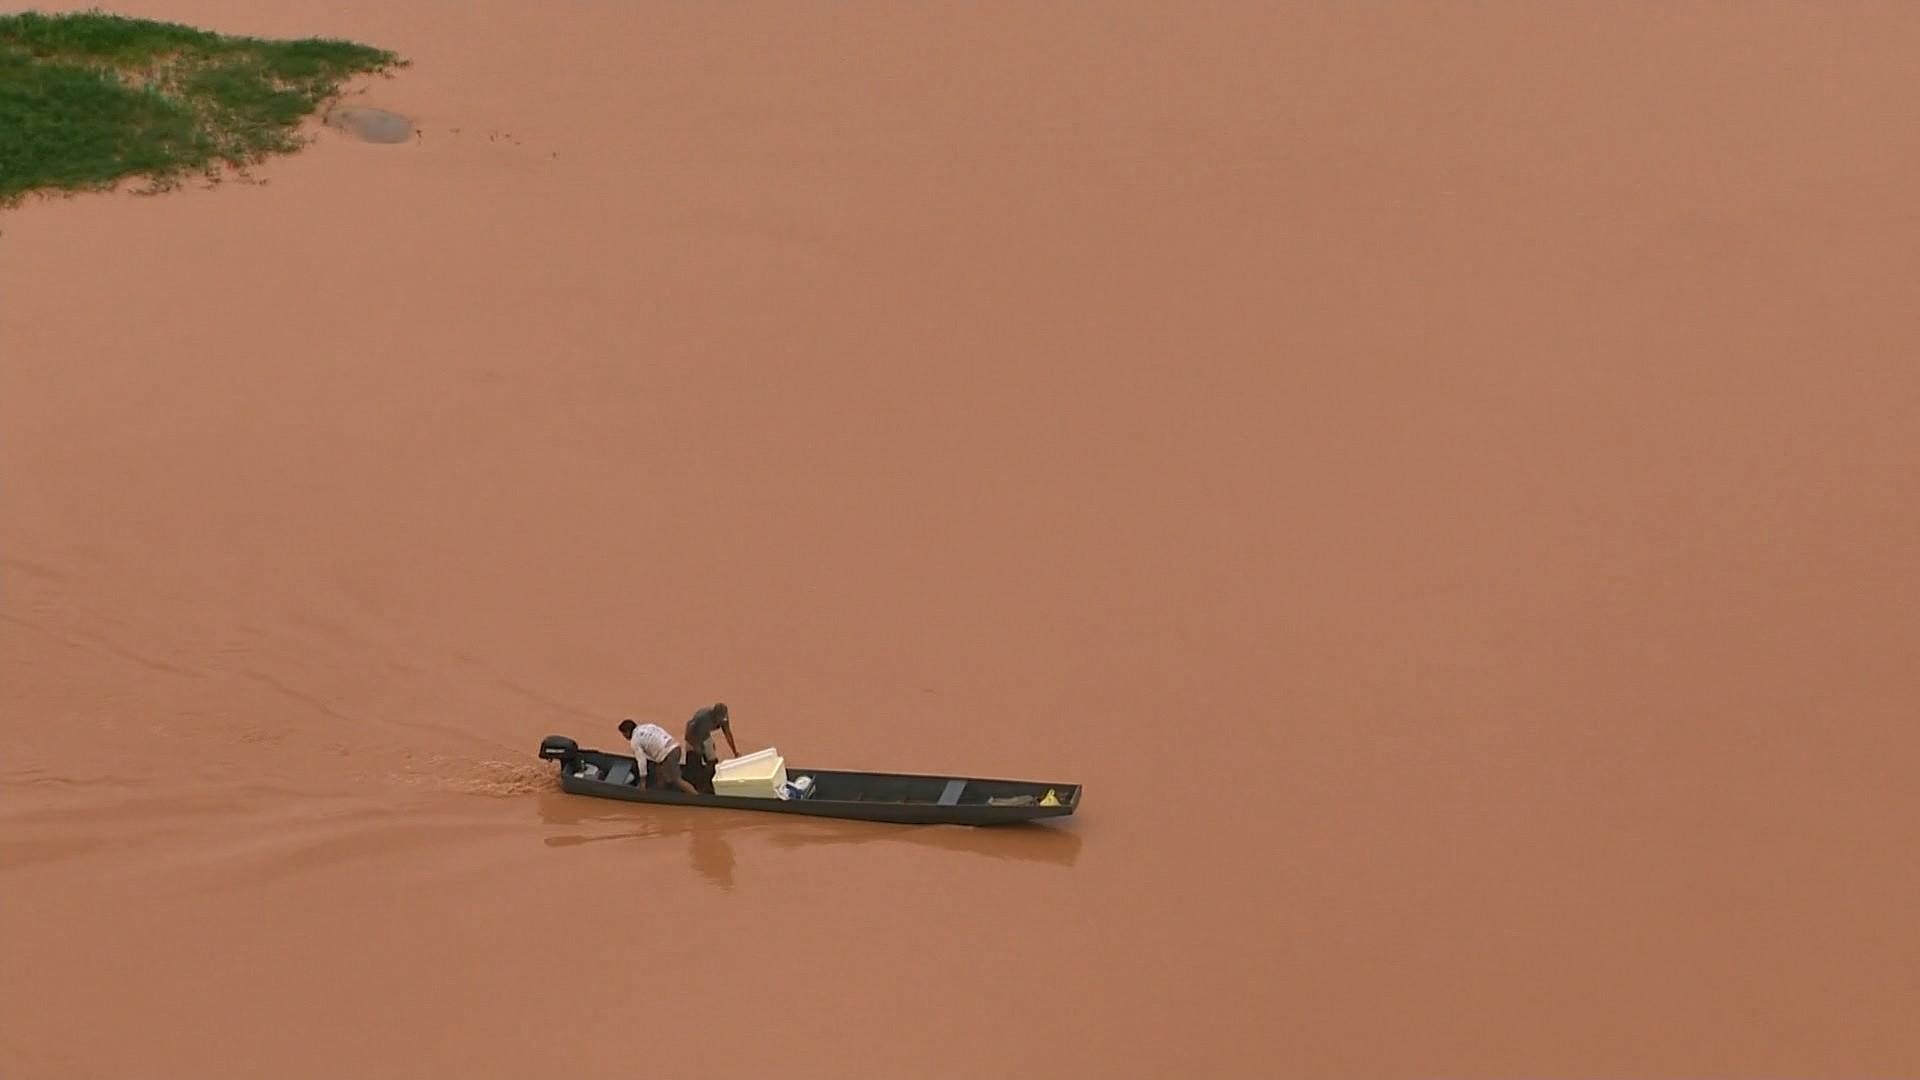 Pescados da foz do Rio Doce ainda estão contaminados com metais pesados, diz estudo